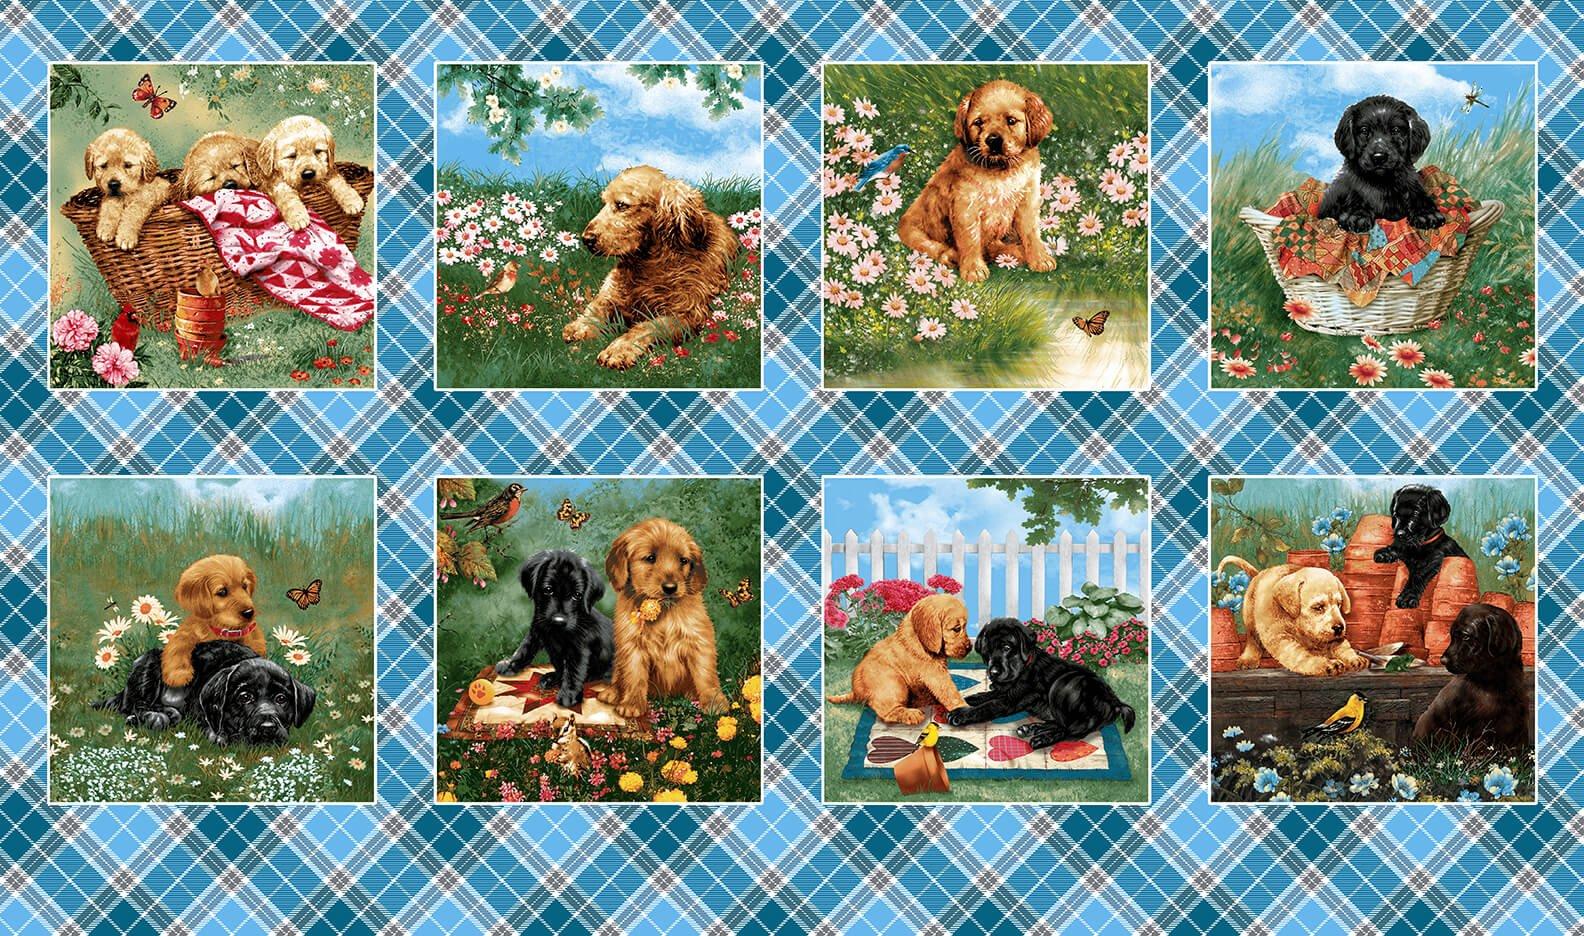 Pups in the Garden 9340-17